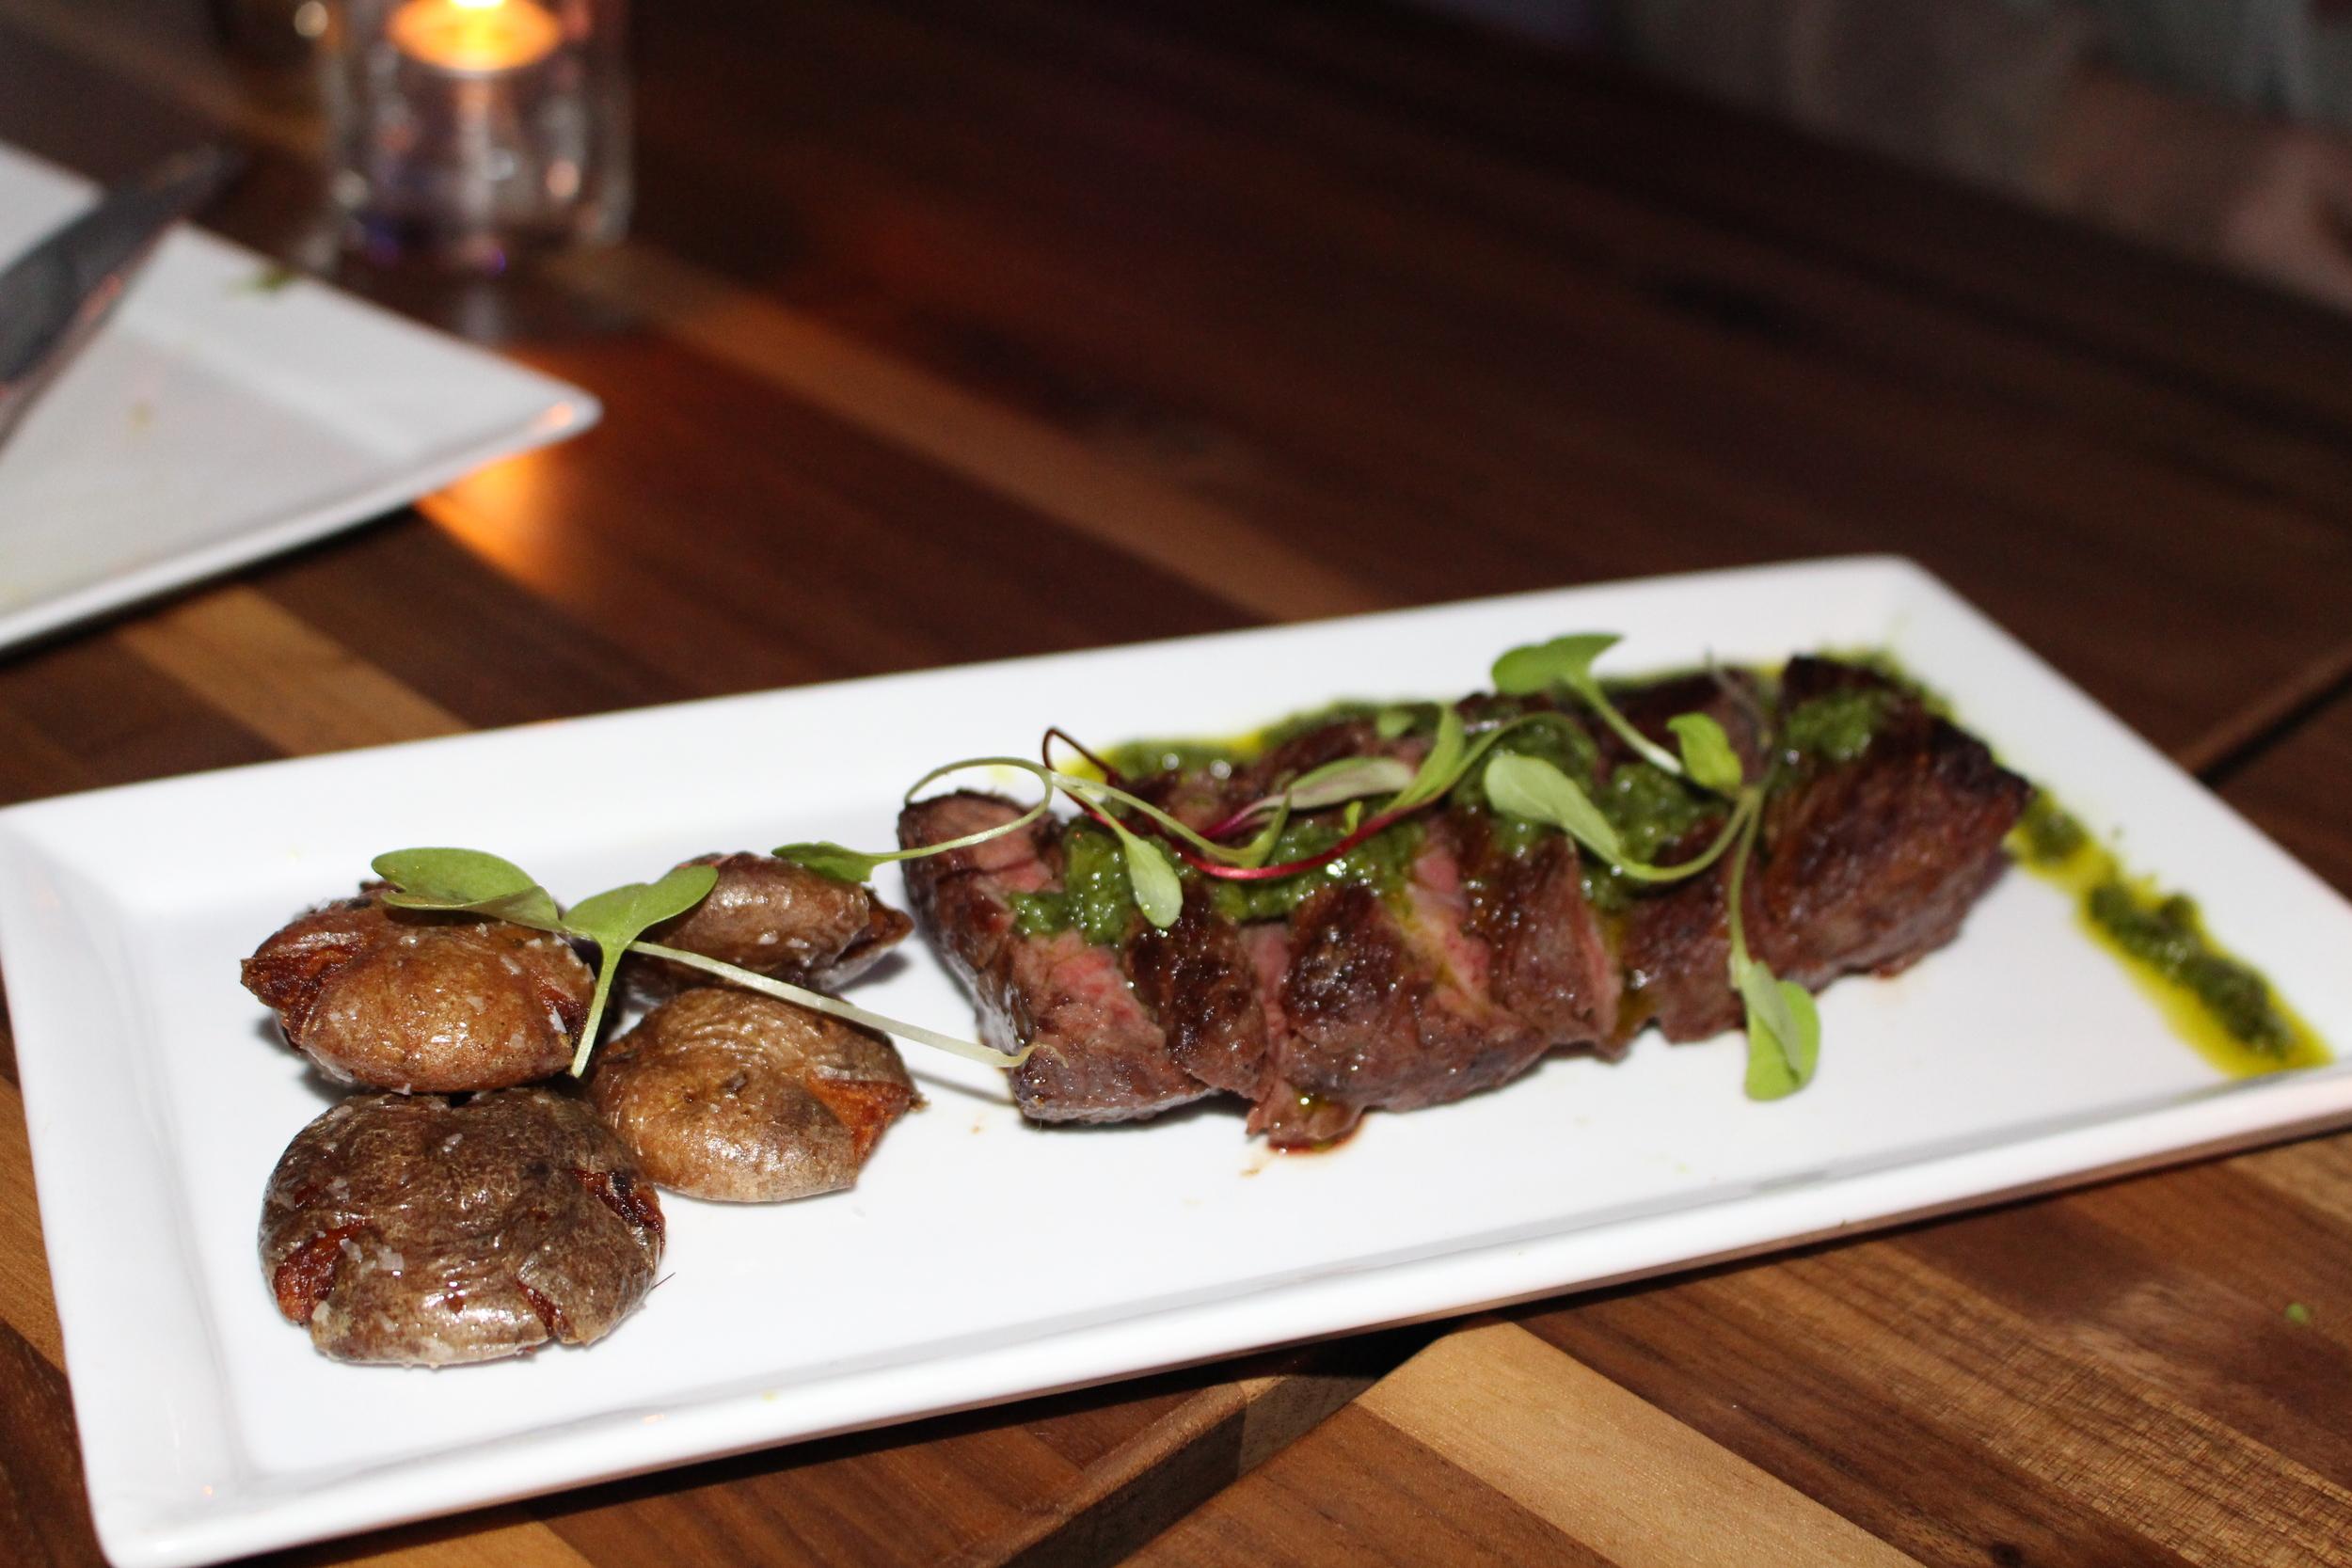 Steak Frites with Chimichurri